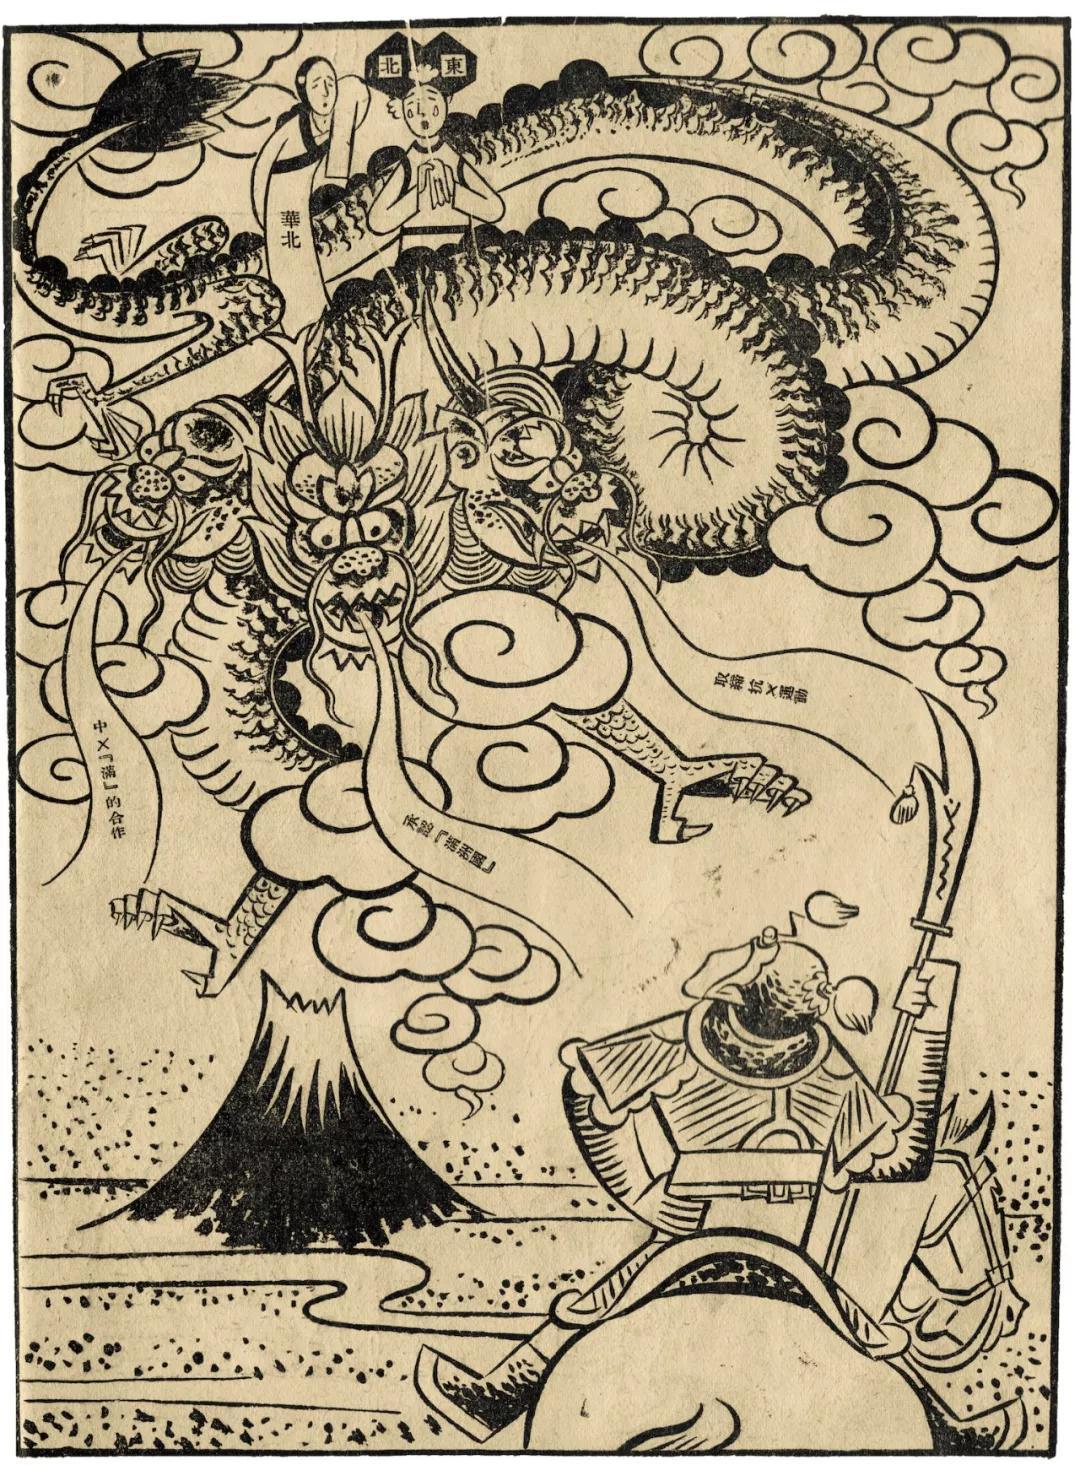 邪恶漫画之家庭教师原网高清_《斩妖图》漫画1936年原载《中国漫画》第六期